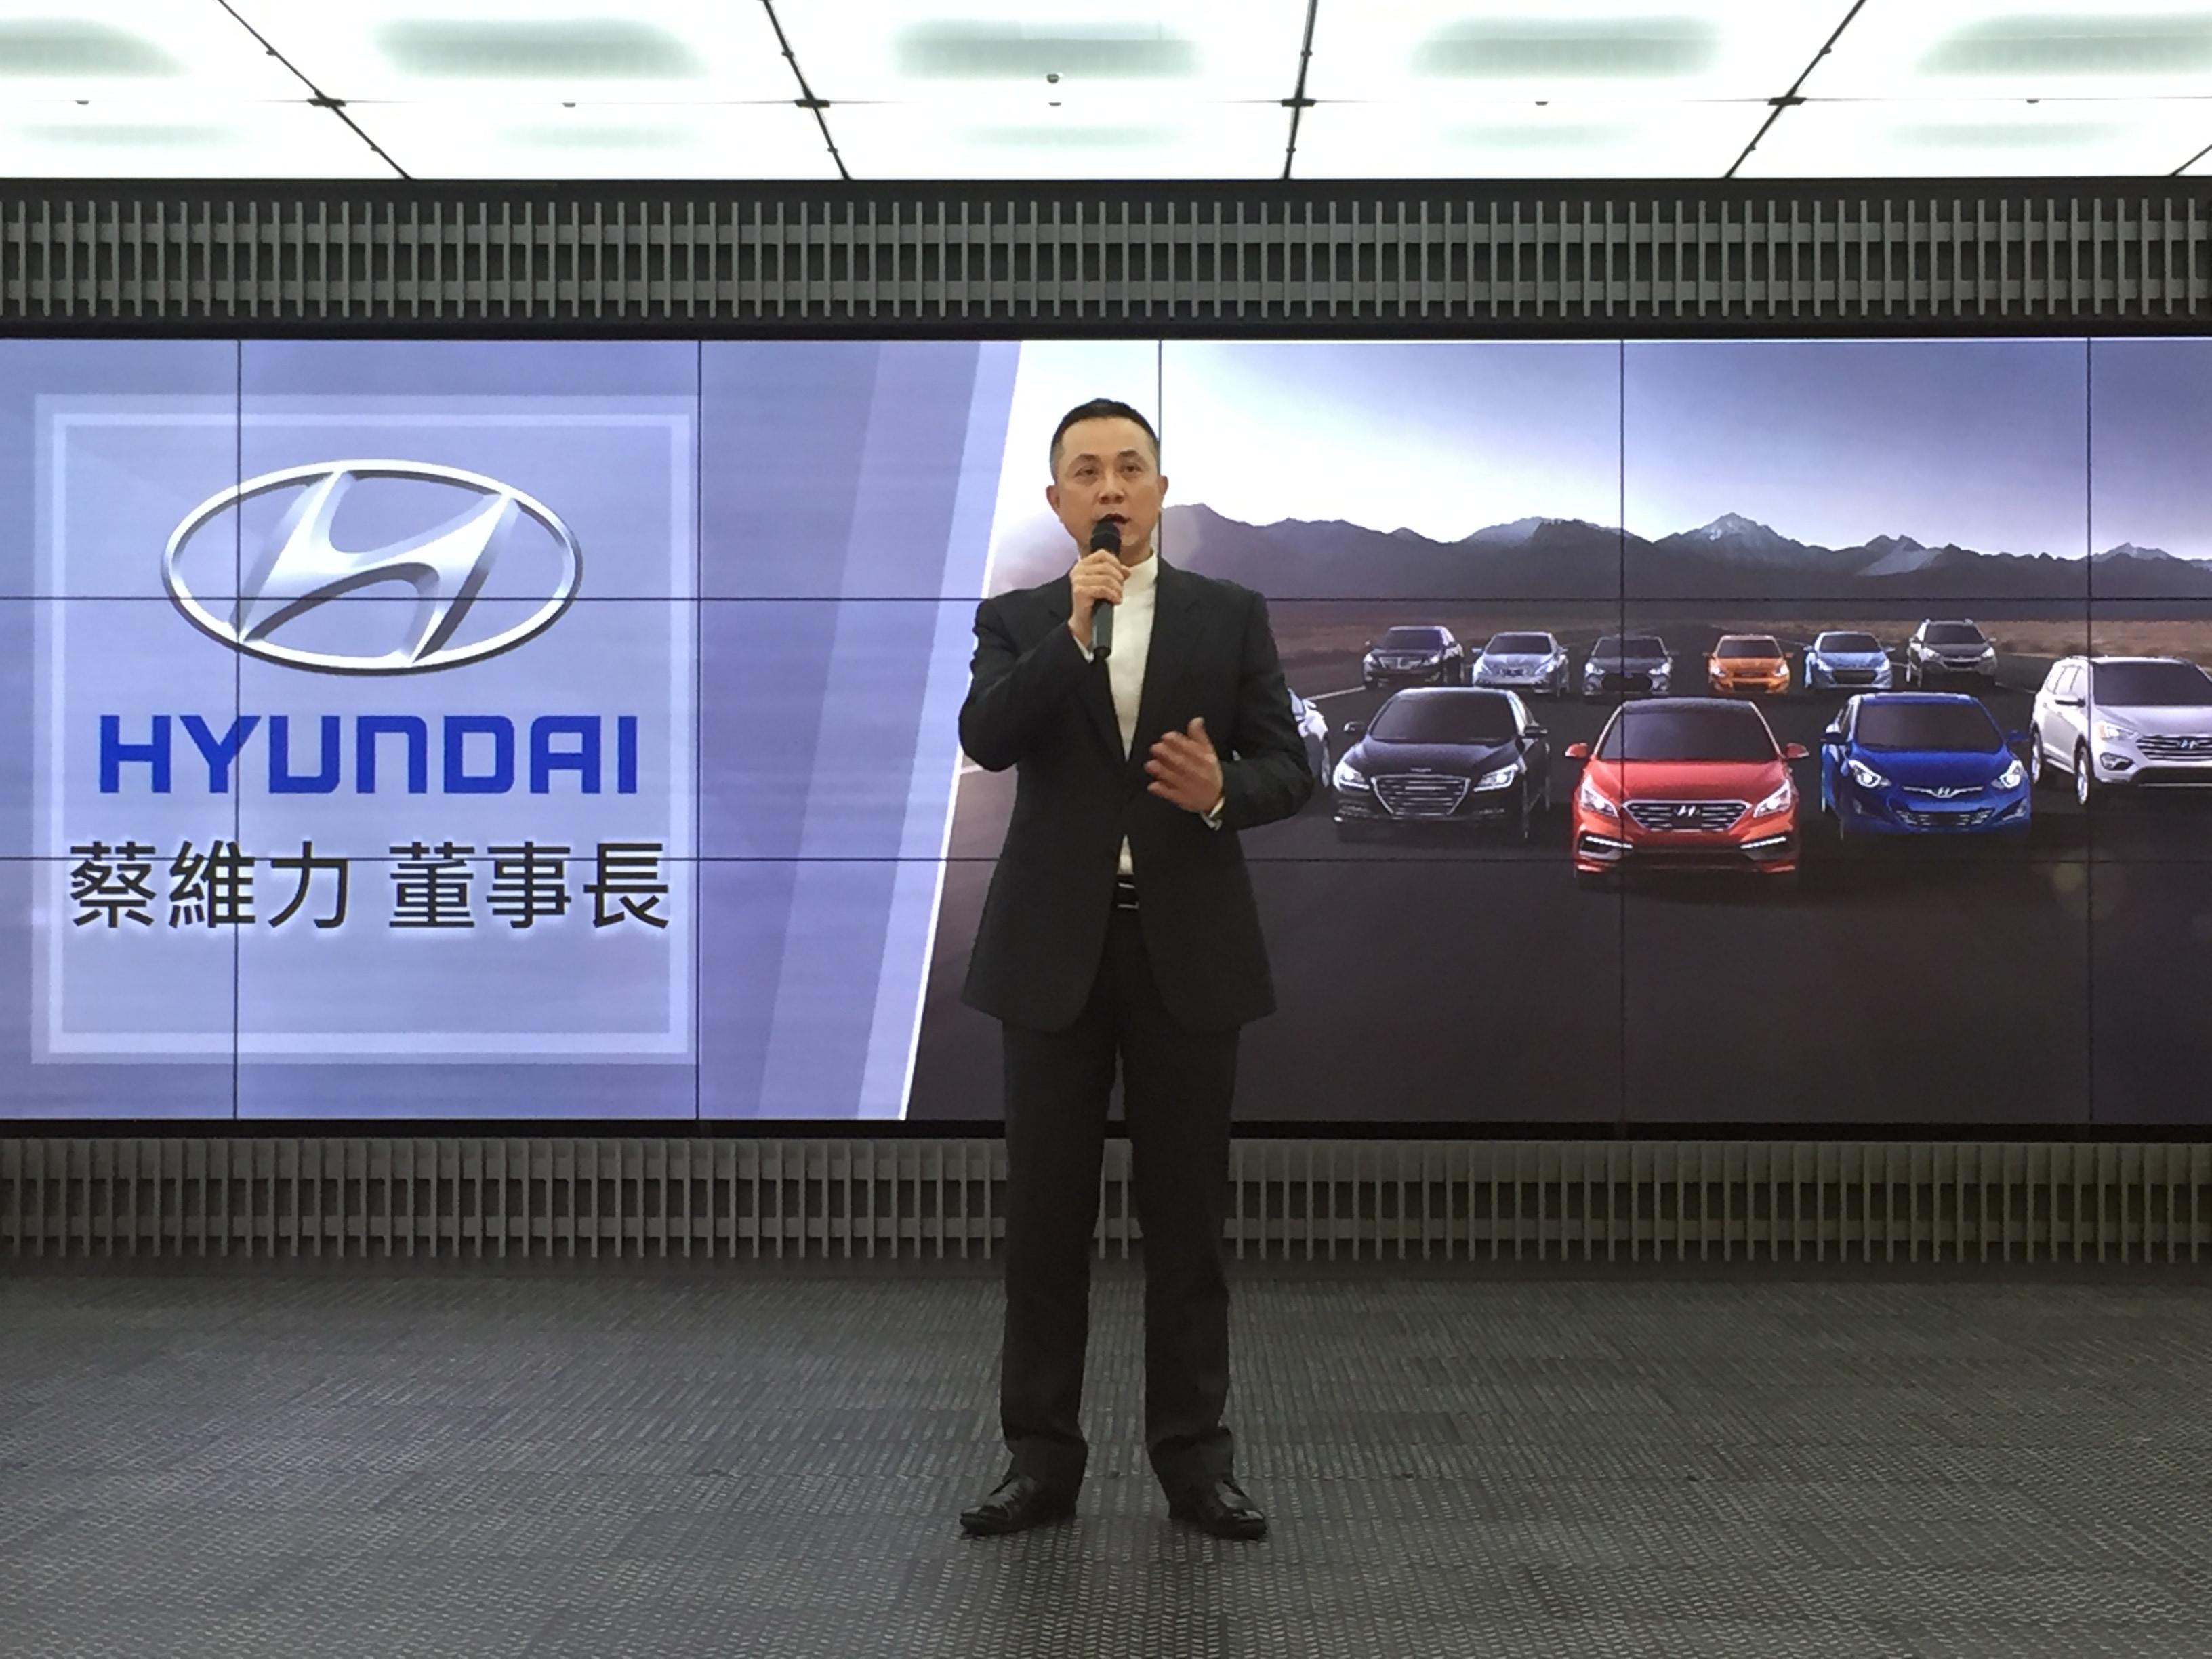 【新事】上網買車?Hyundai踏入電商整合虛擬擴大銷售網